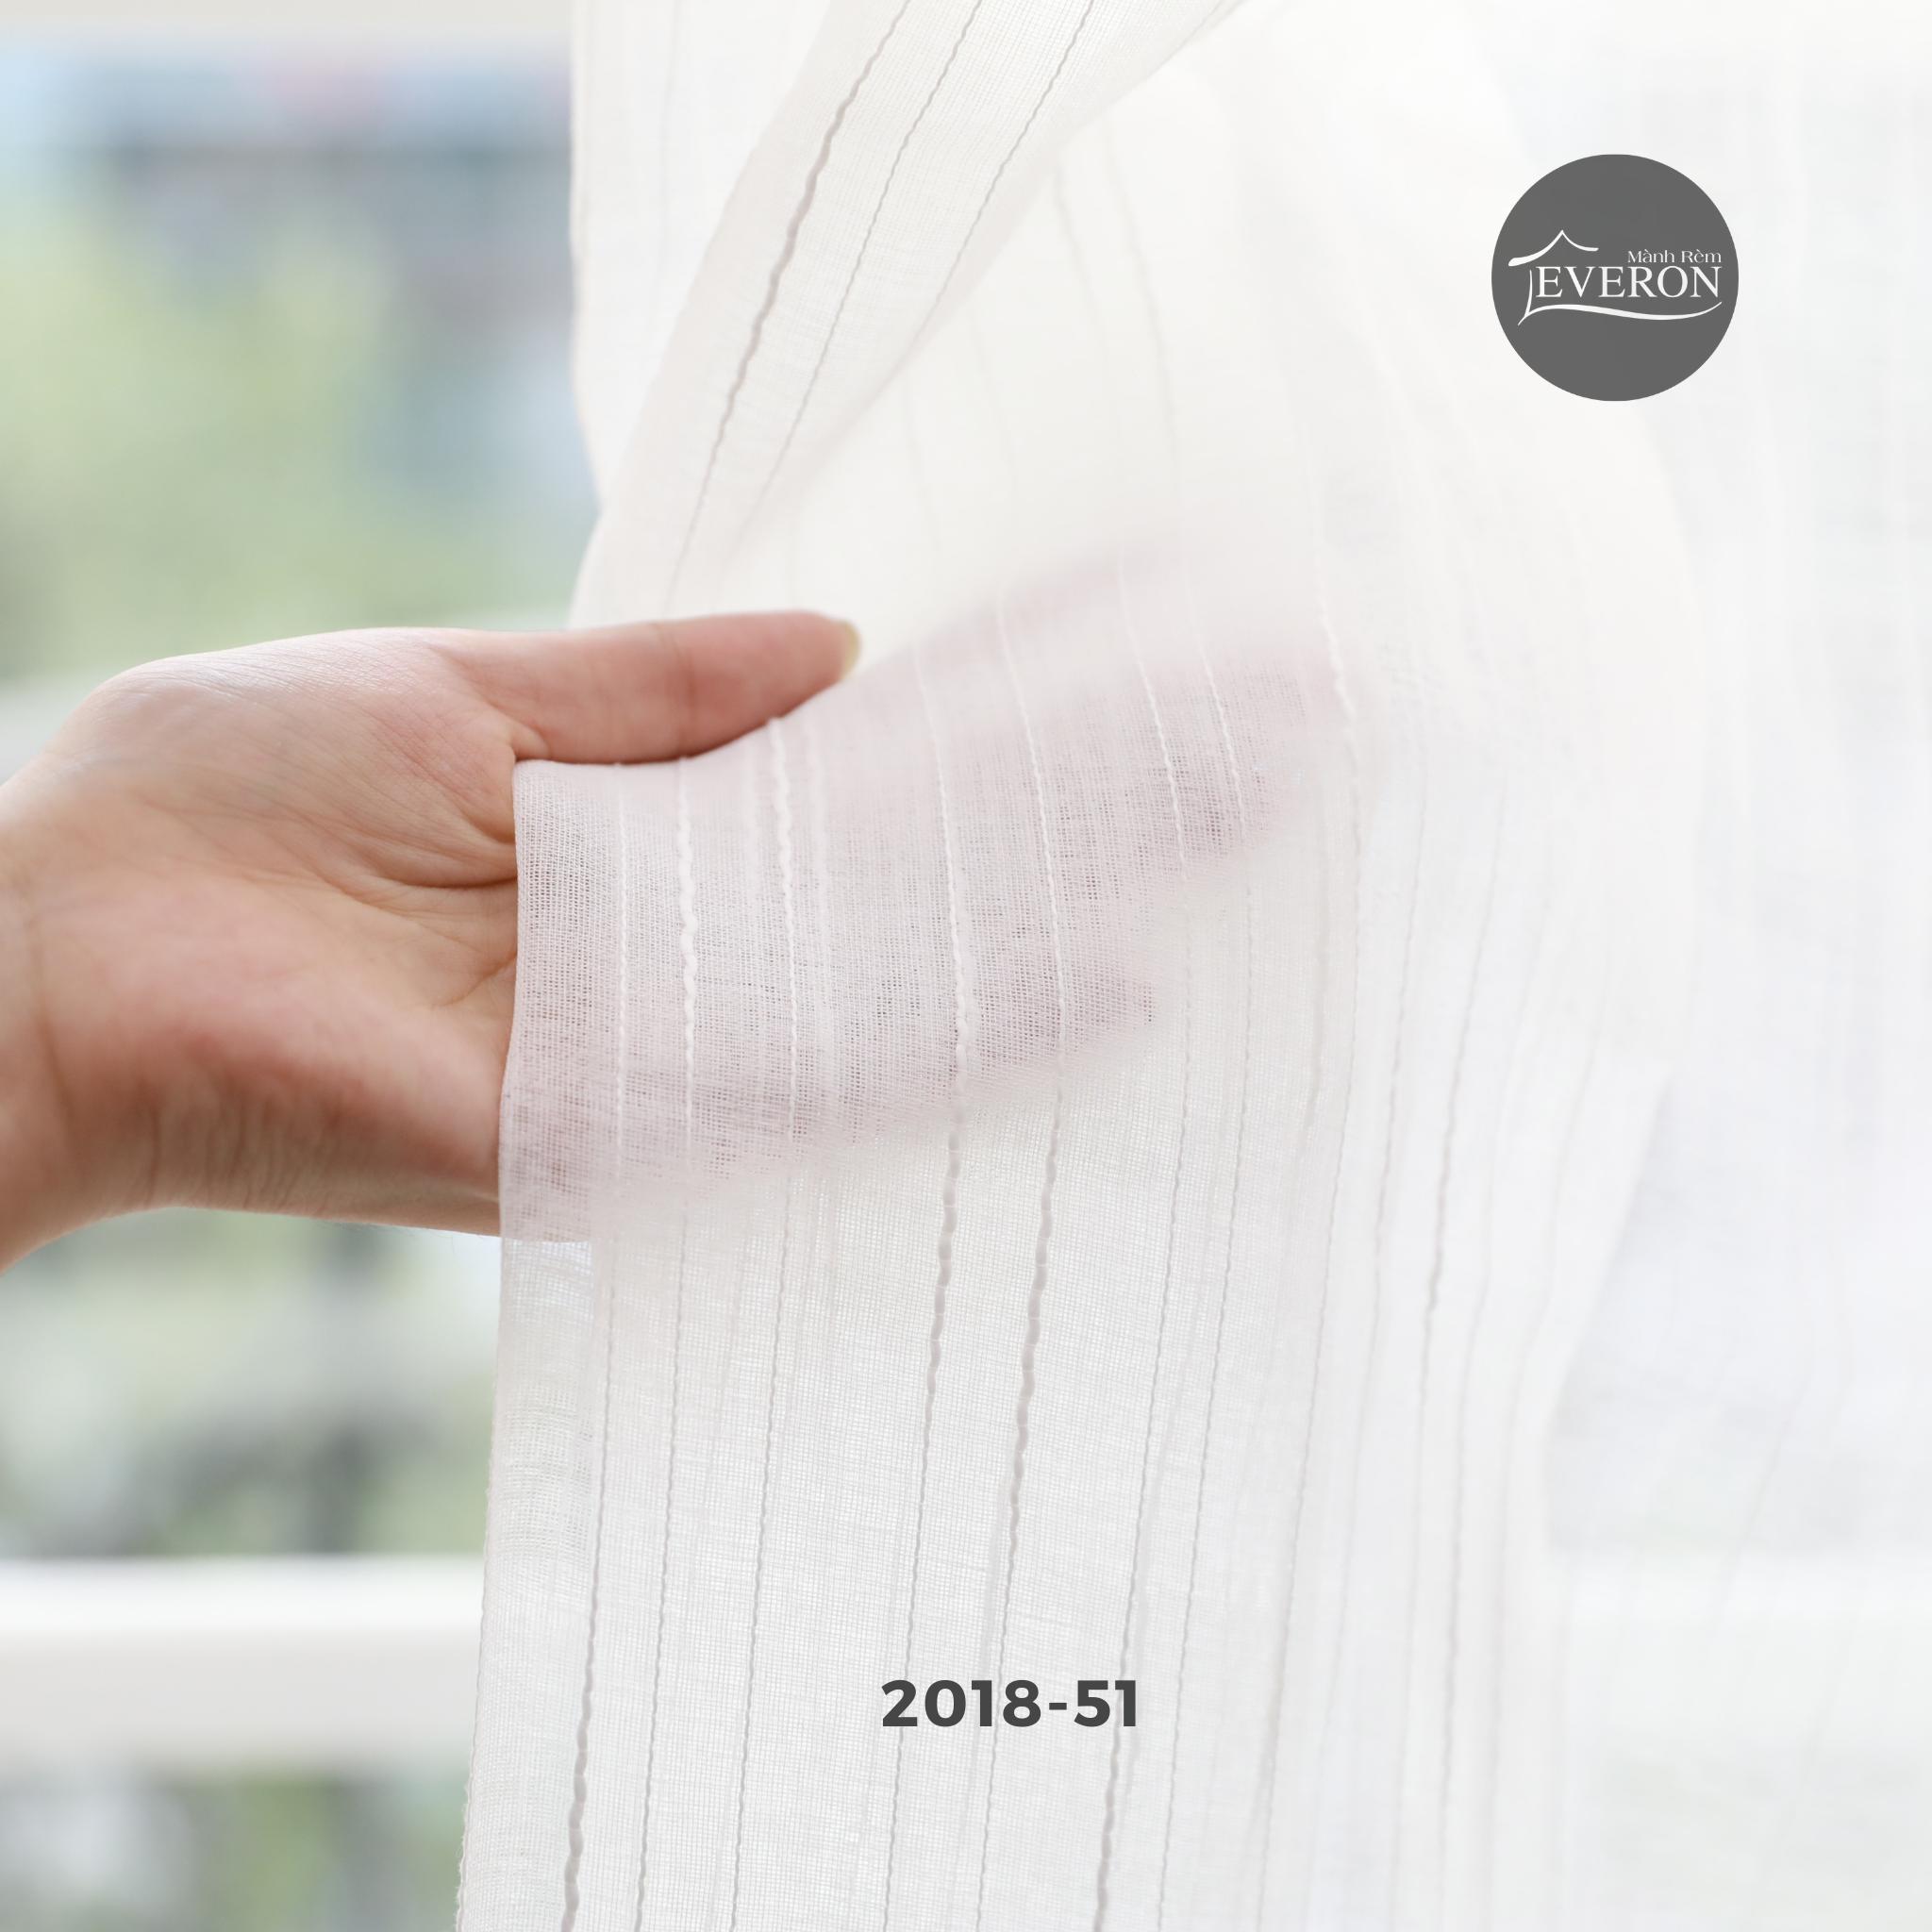 Rèm may sẵn 2018-51